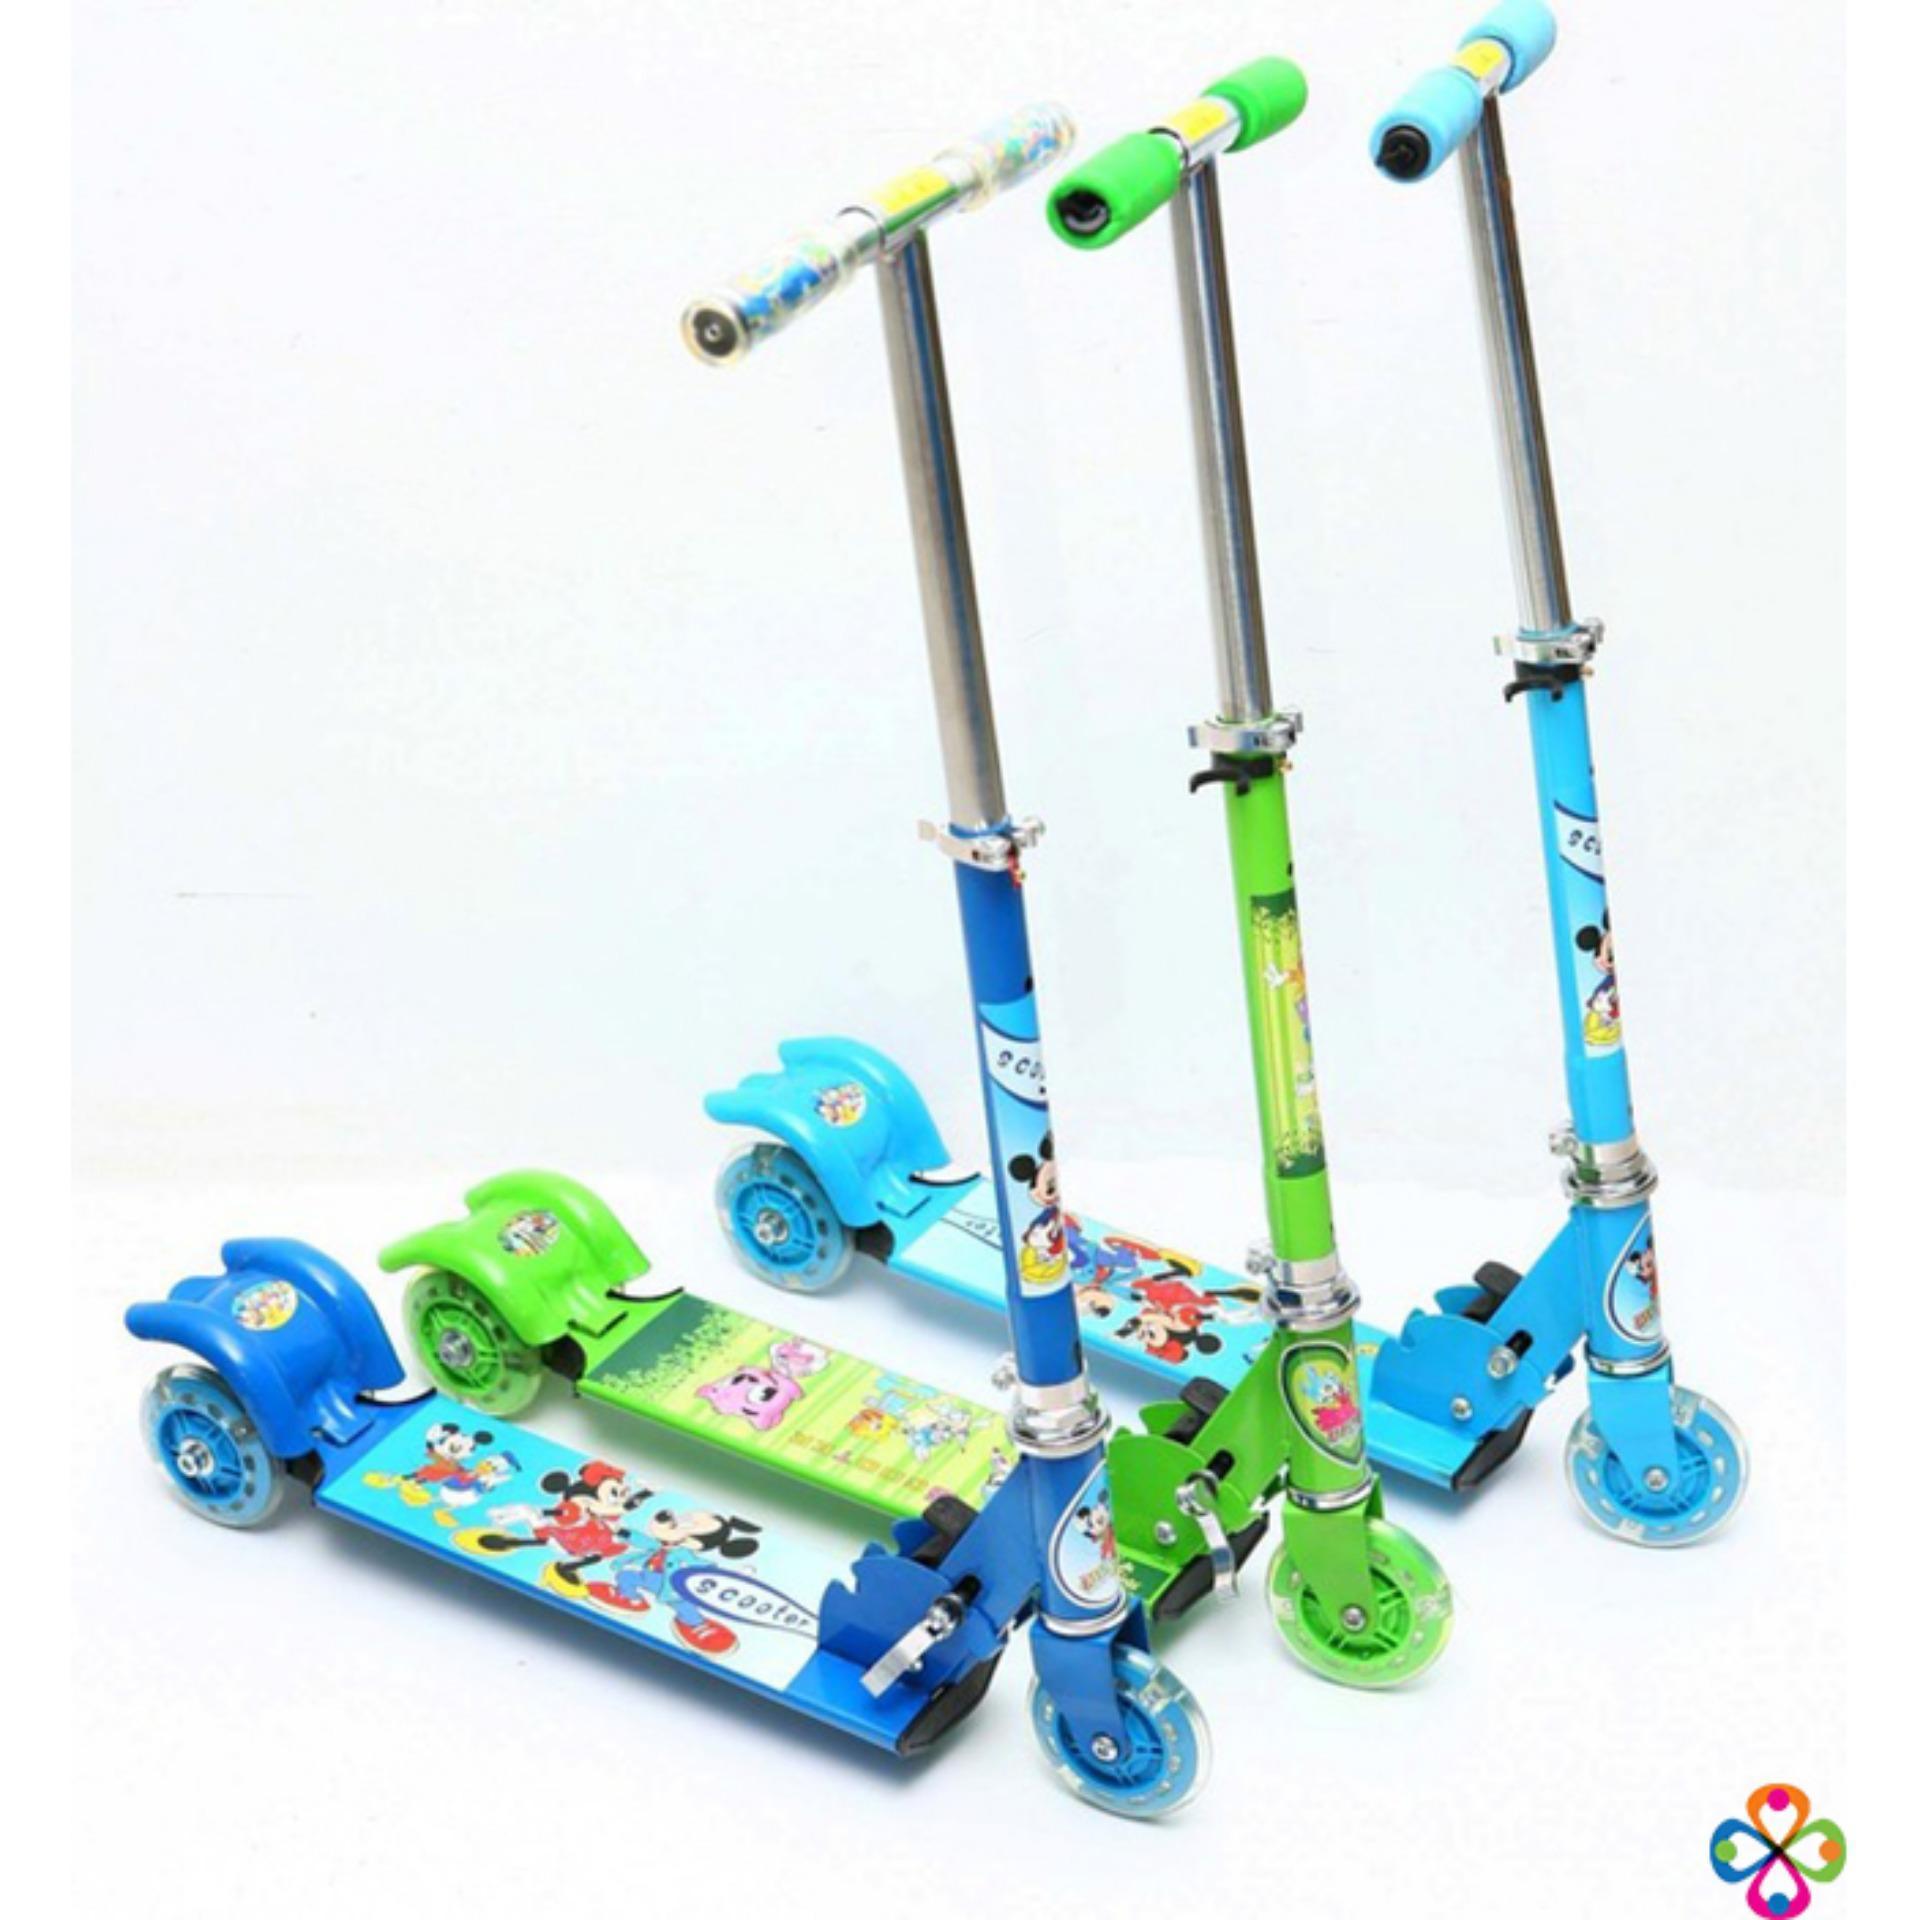 Đồ chơi bé gái 6 tuổi, Xe đồ chơi cho bé trai - MUA NGAY Xe Scoster bánh phát sáng, cho trẻ kích thích vận động, cao, khỏe, phát triển toàn diện- Bảo hành UY TÍN 1 đổi 1